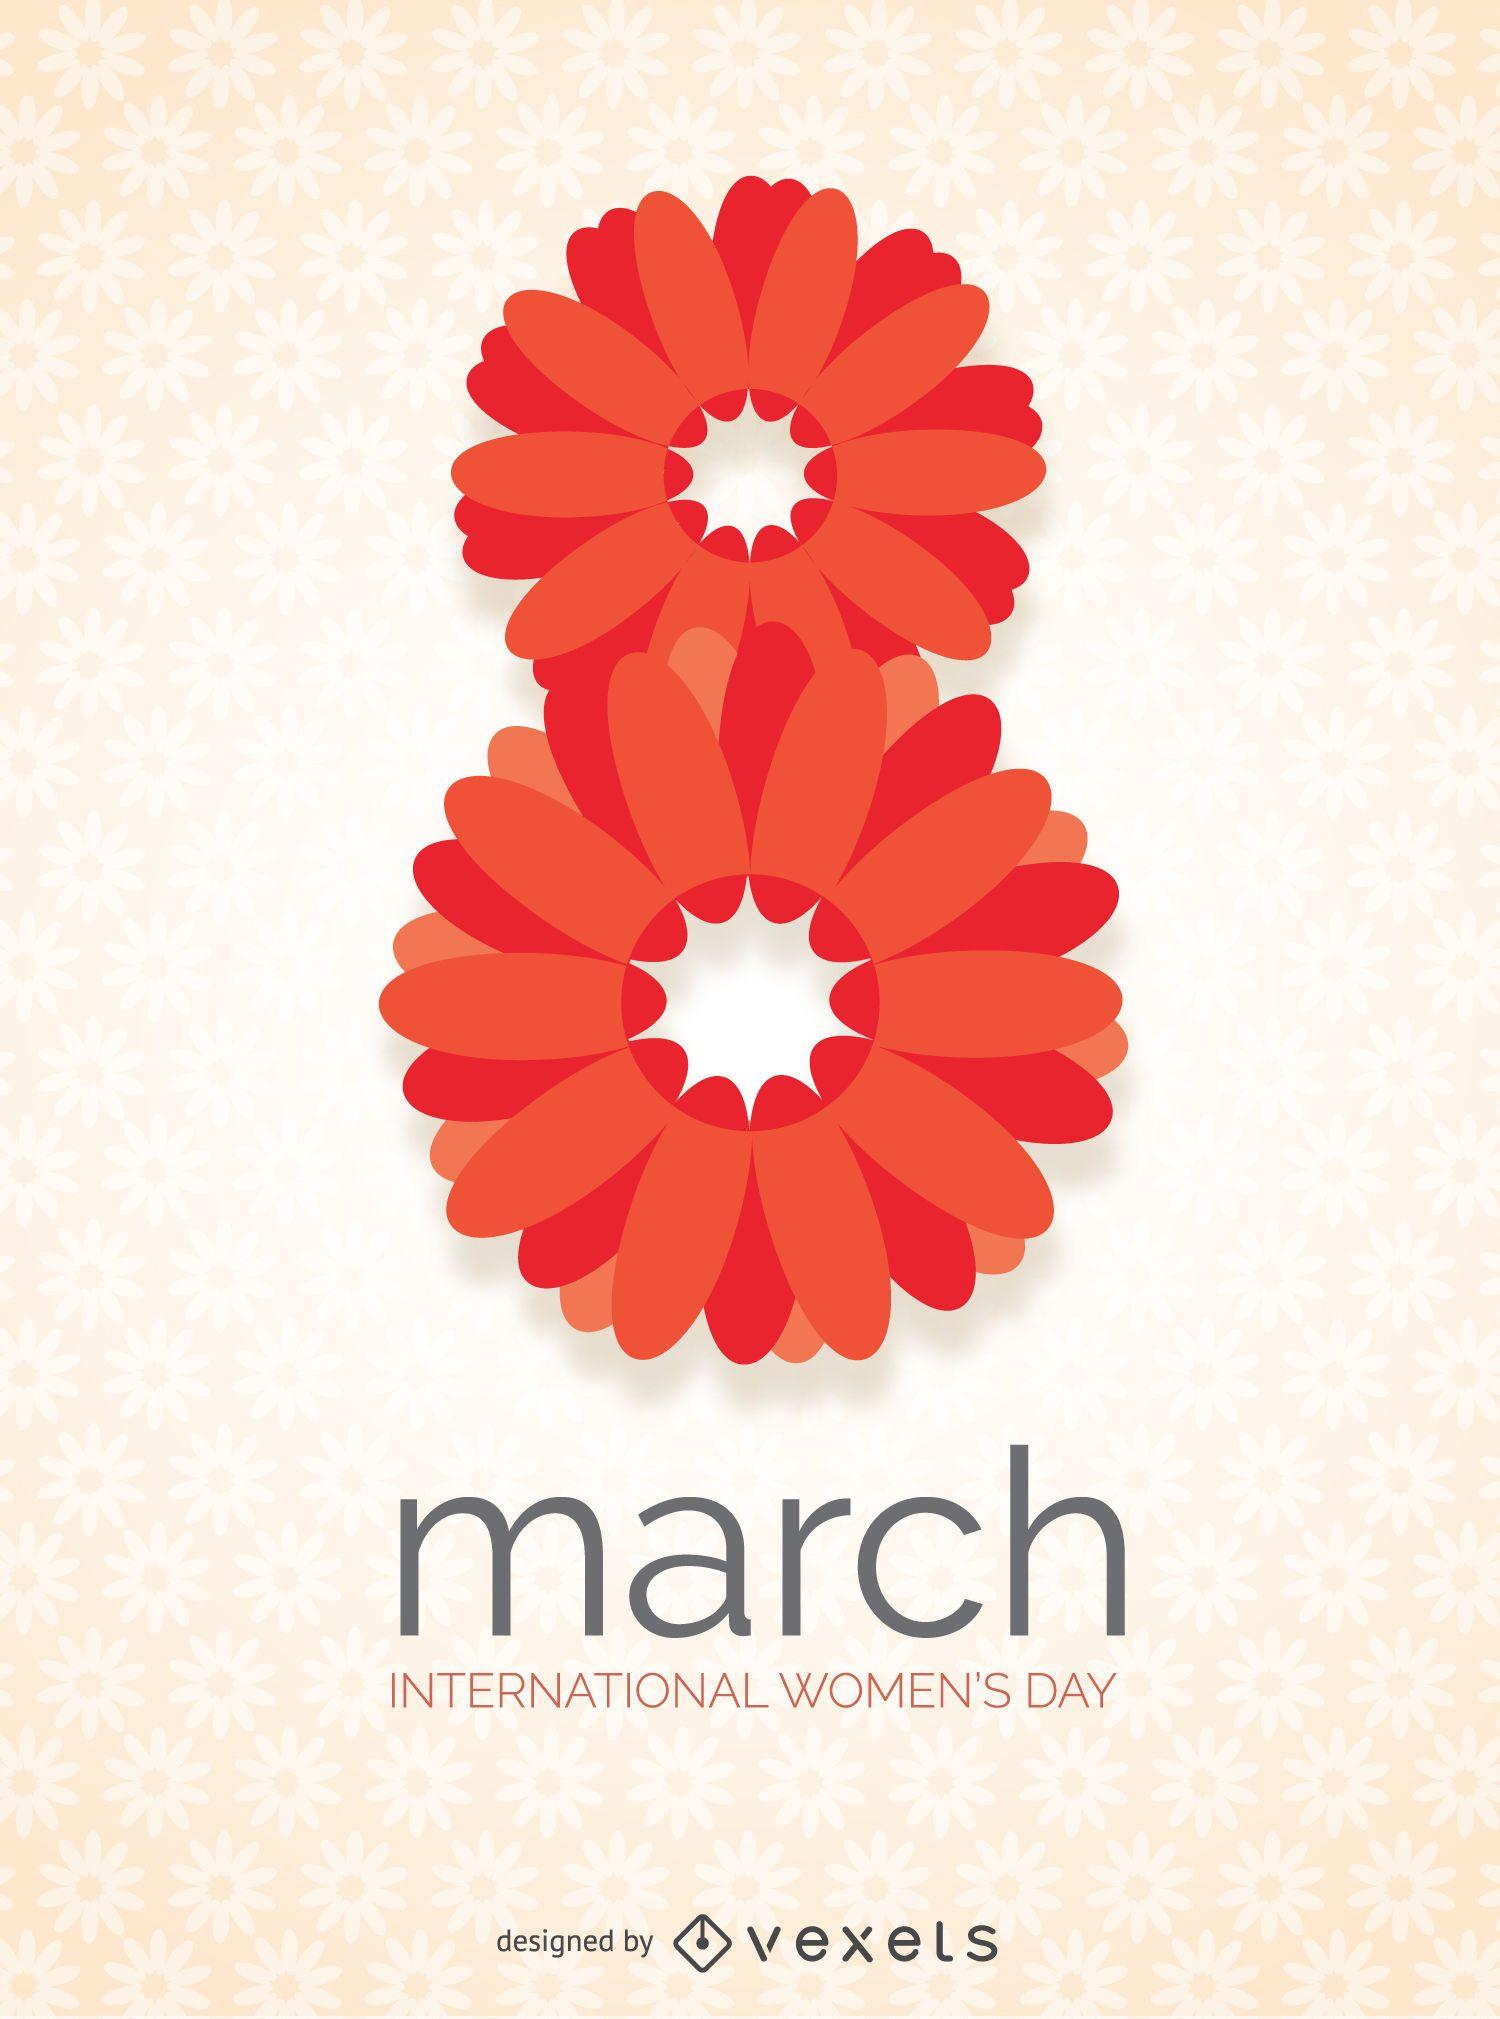 dia internacional da mulher no design floral